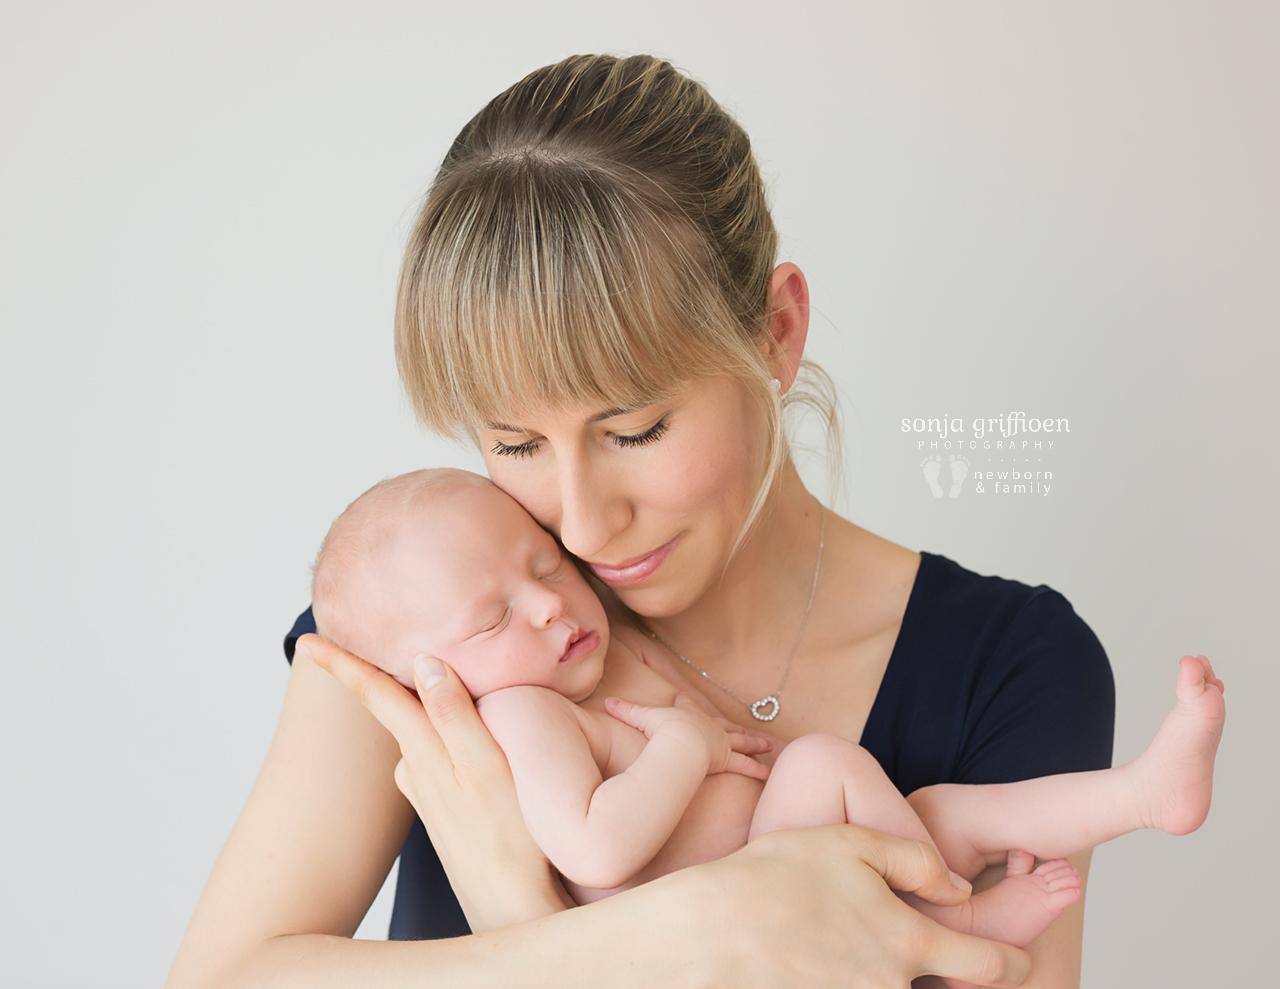 Sienna-Newborn-Brisbane-Newborn-Photographer-Sonja-Griffioen-01.jpg